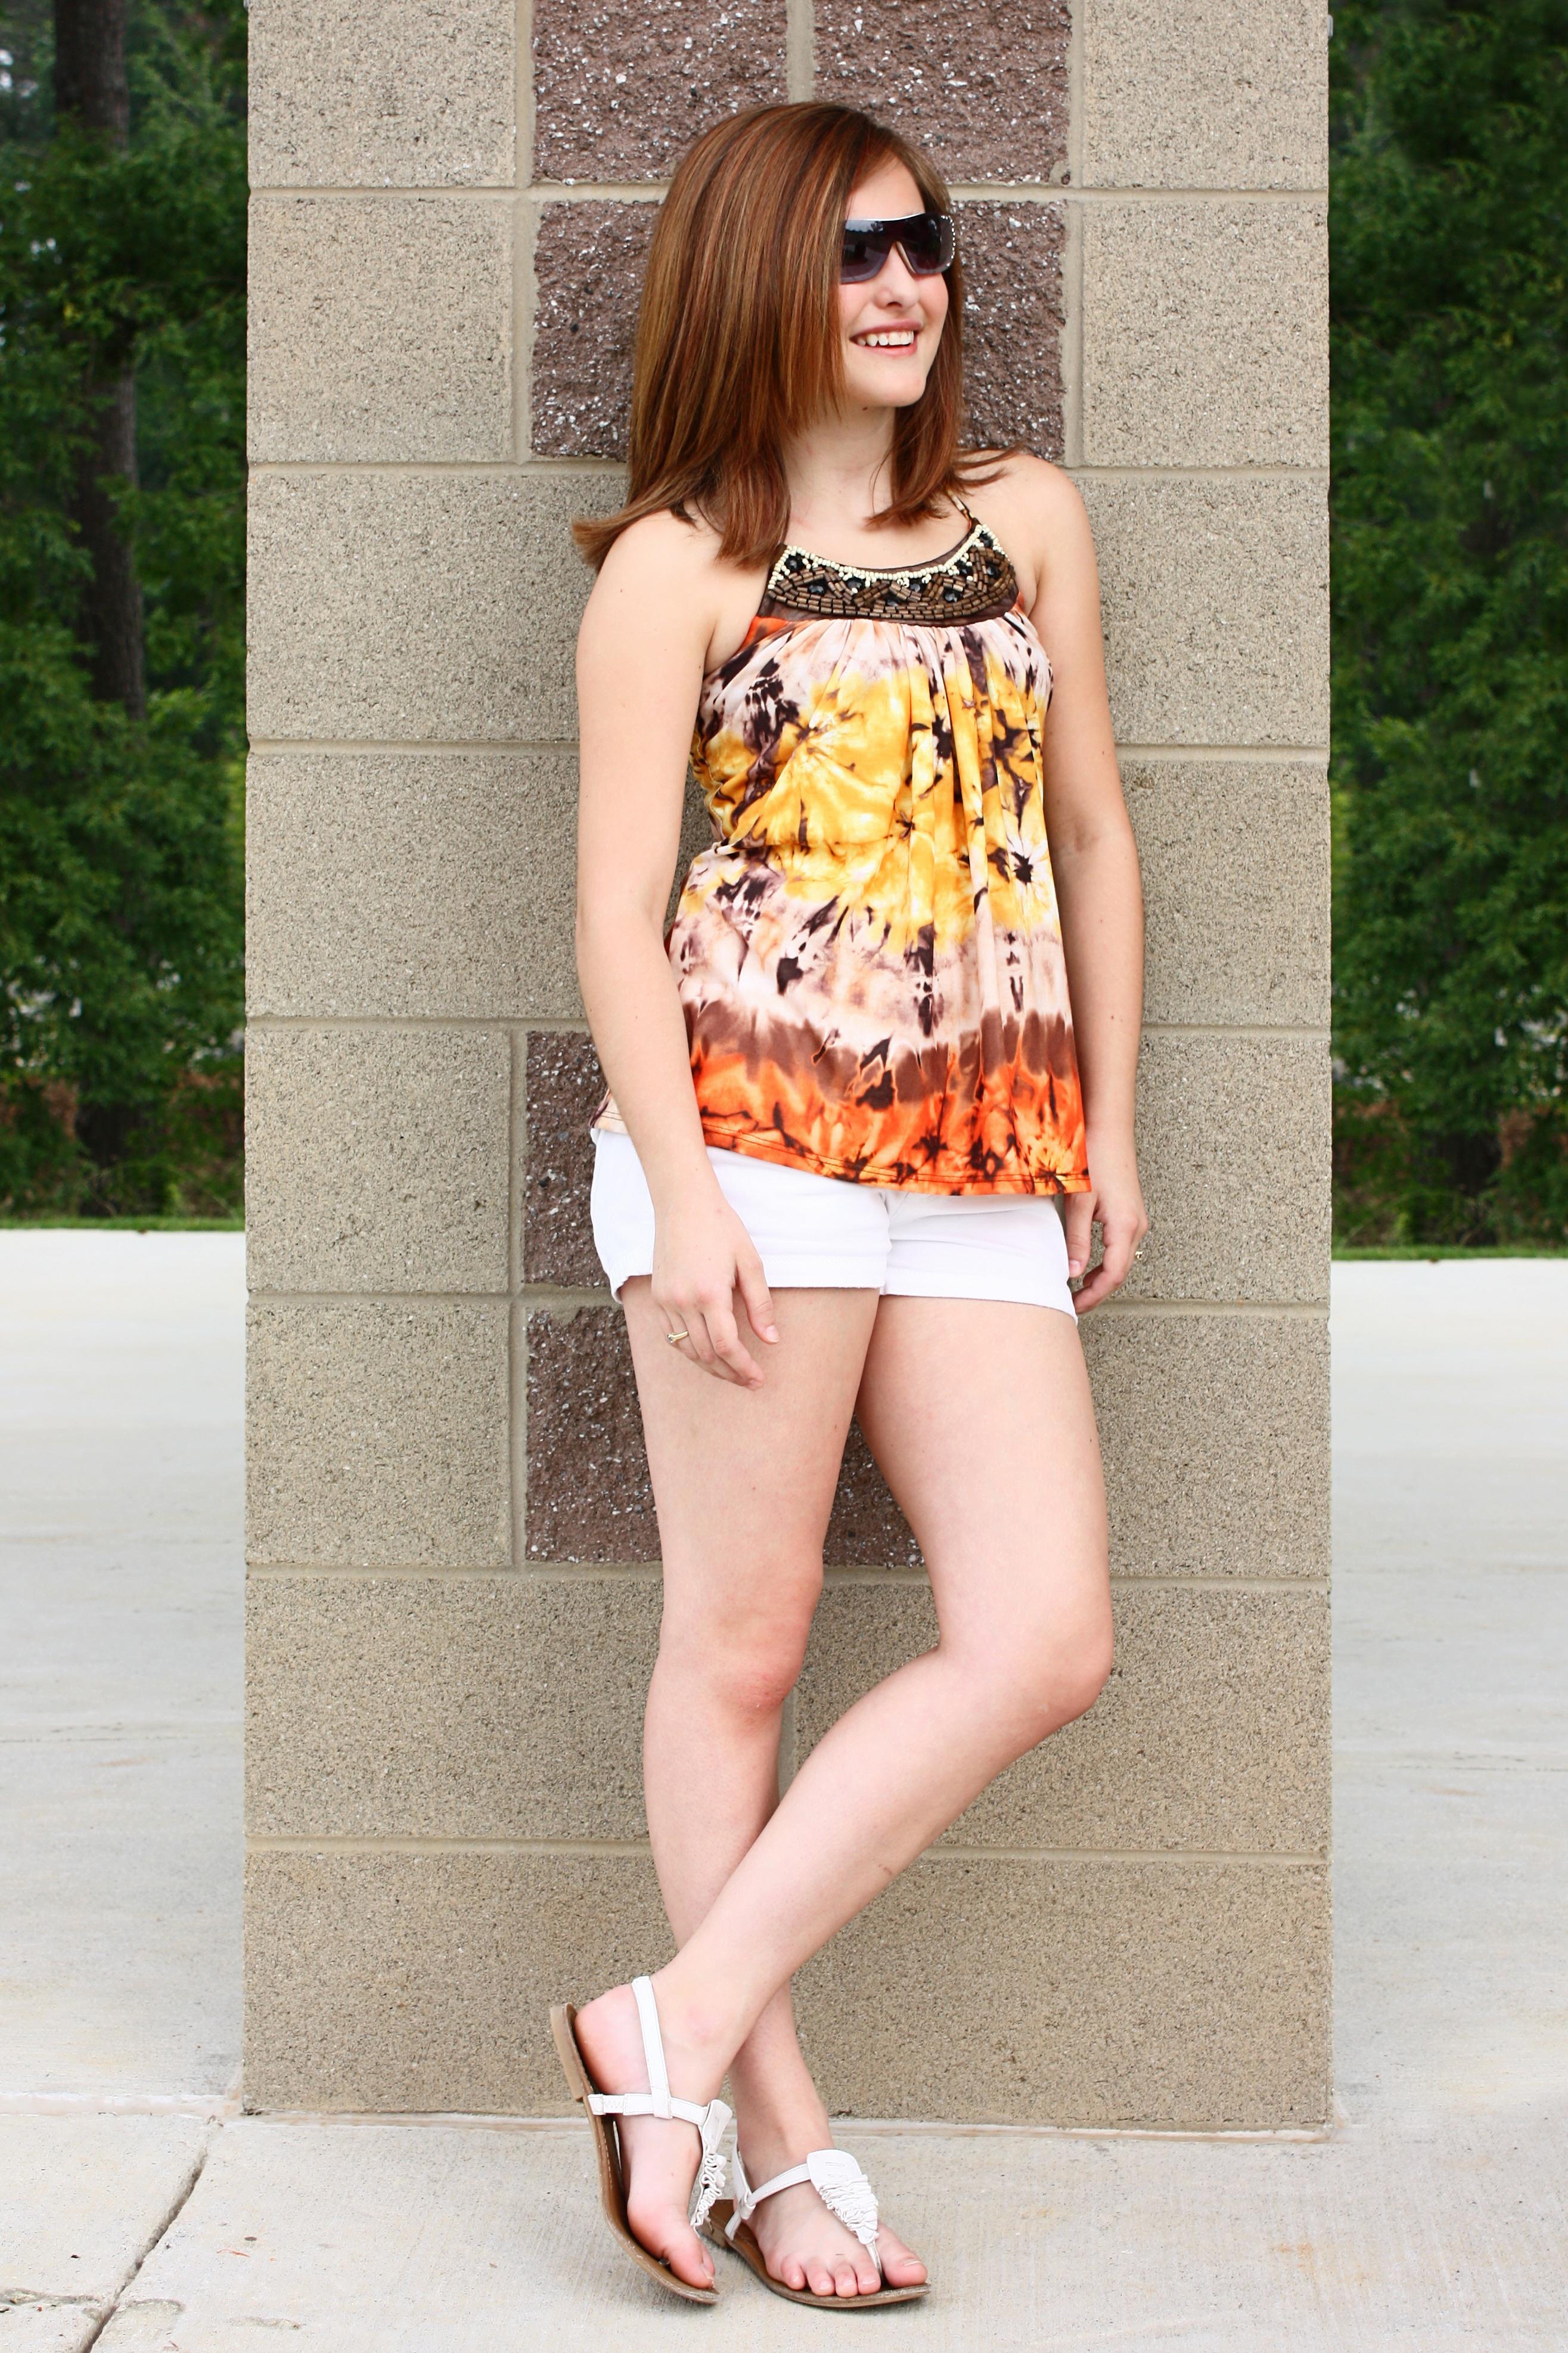 teen Cute girl posing young